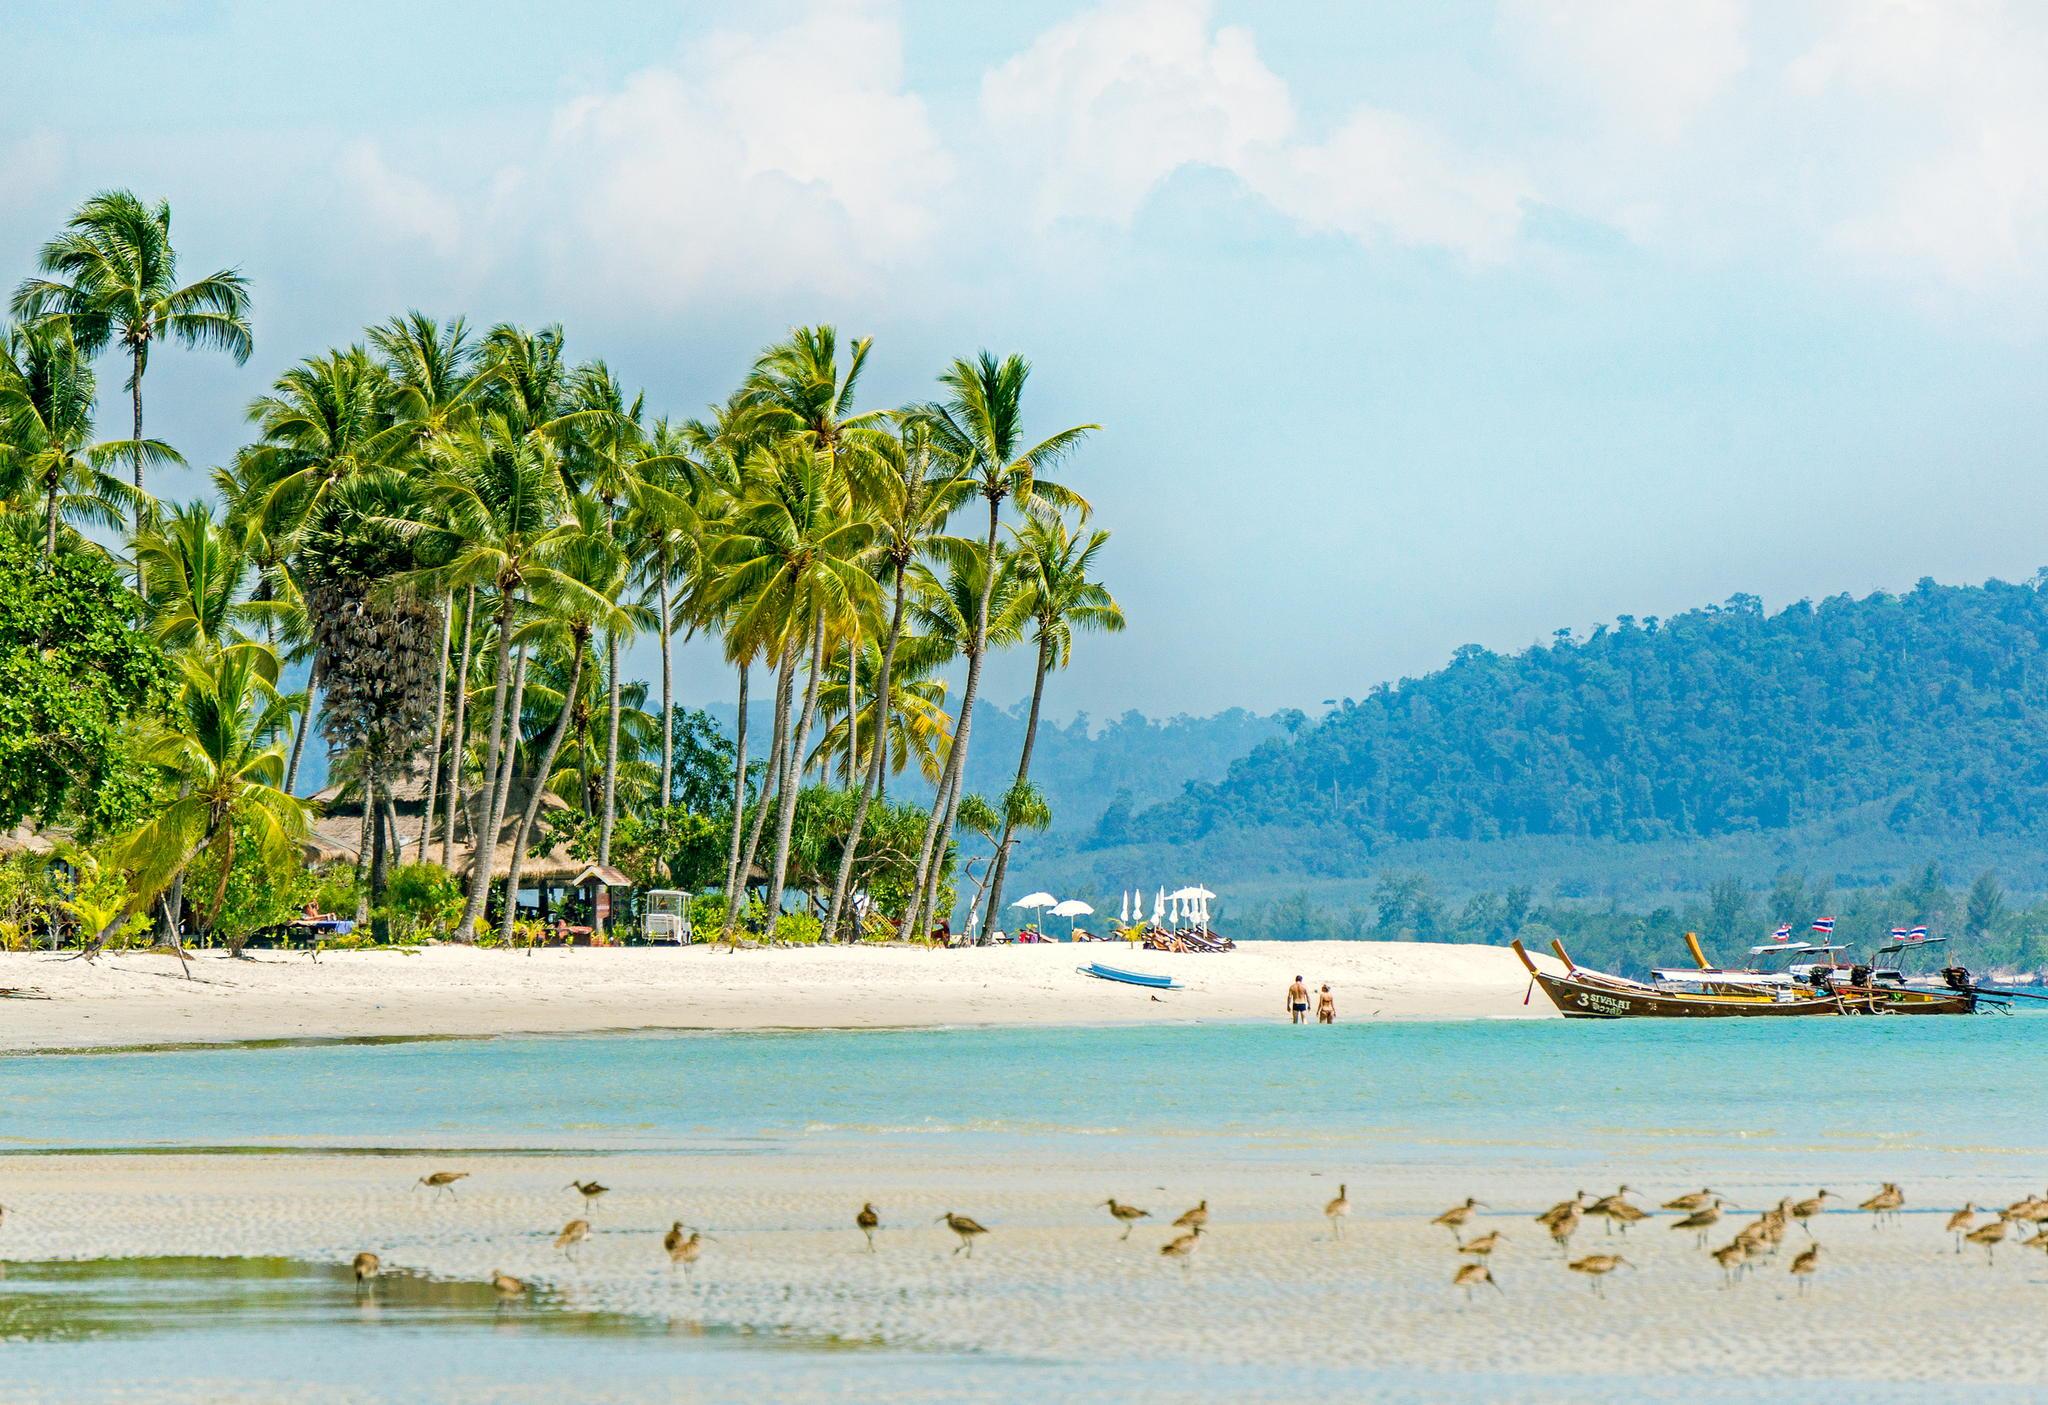 阳春三月就去泰国旅游享受董里纯自然的海岛风光